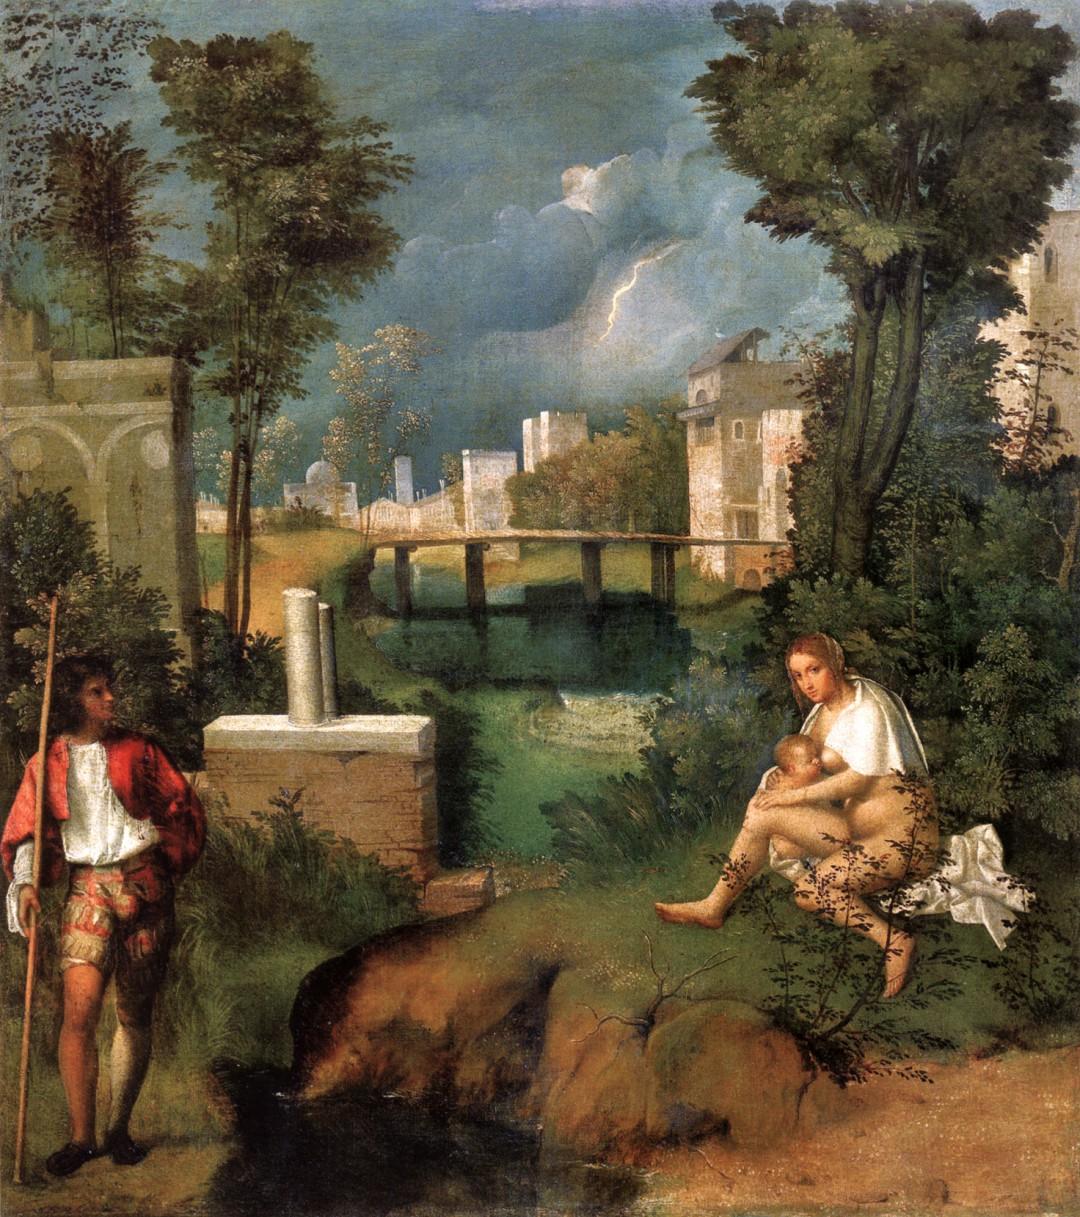 Tempesta di Giorgione